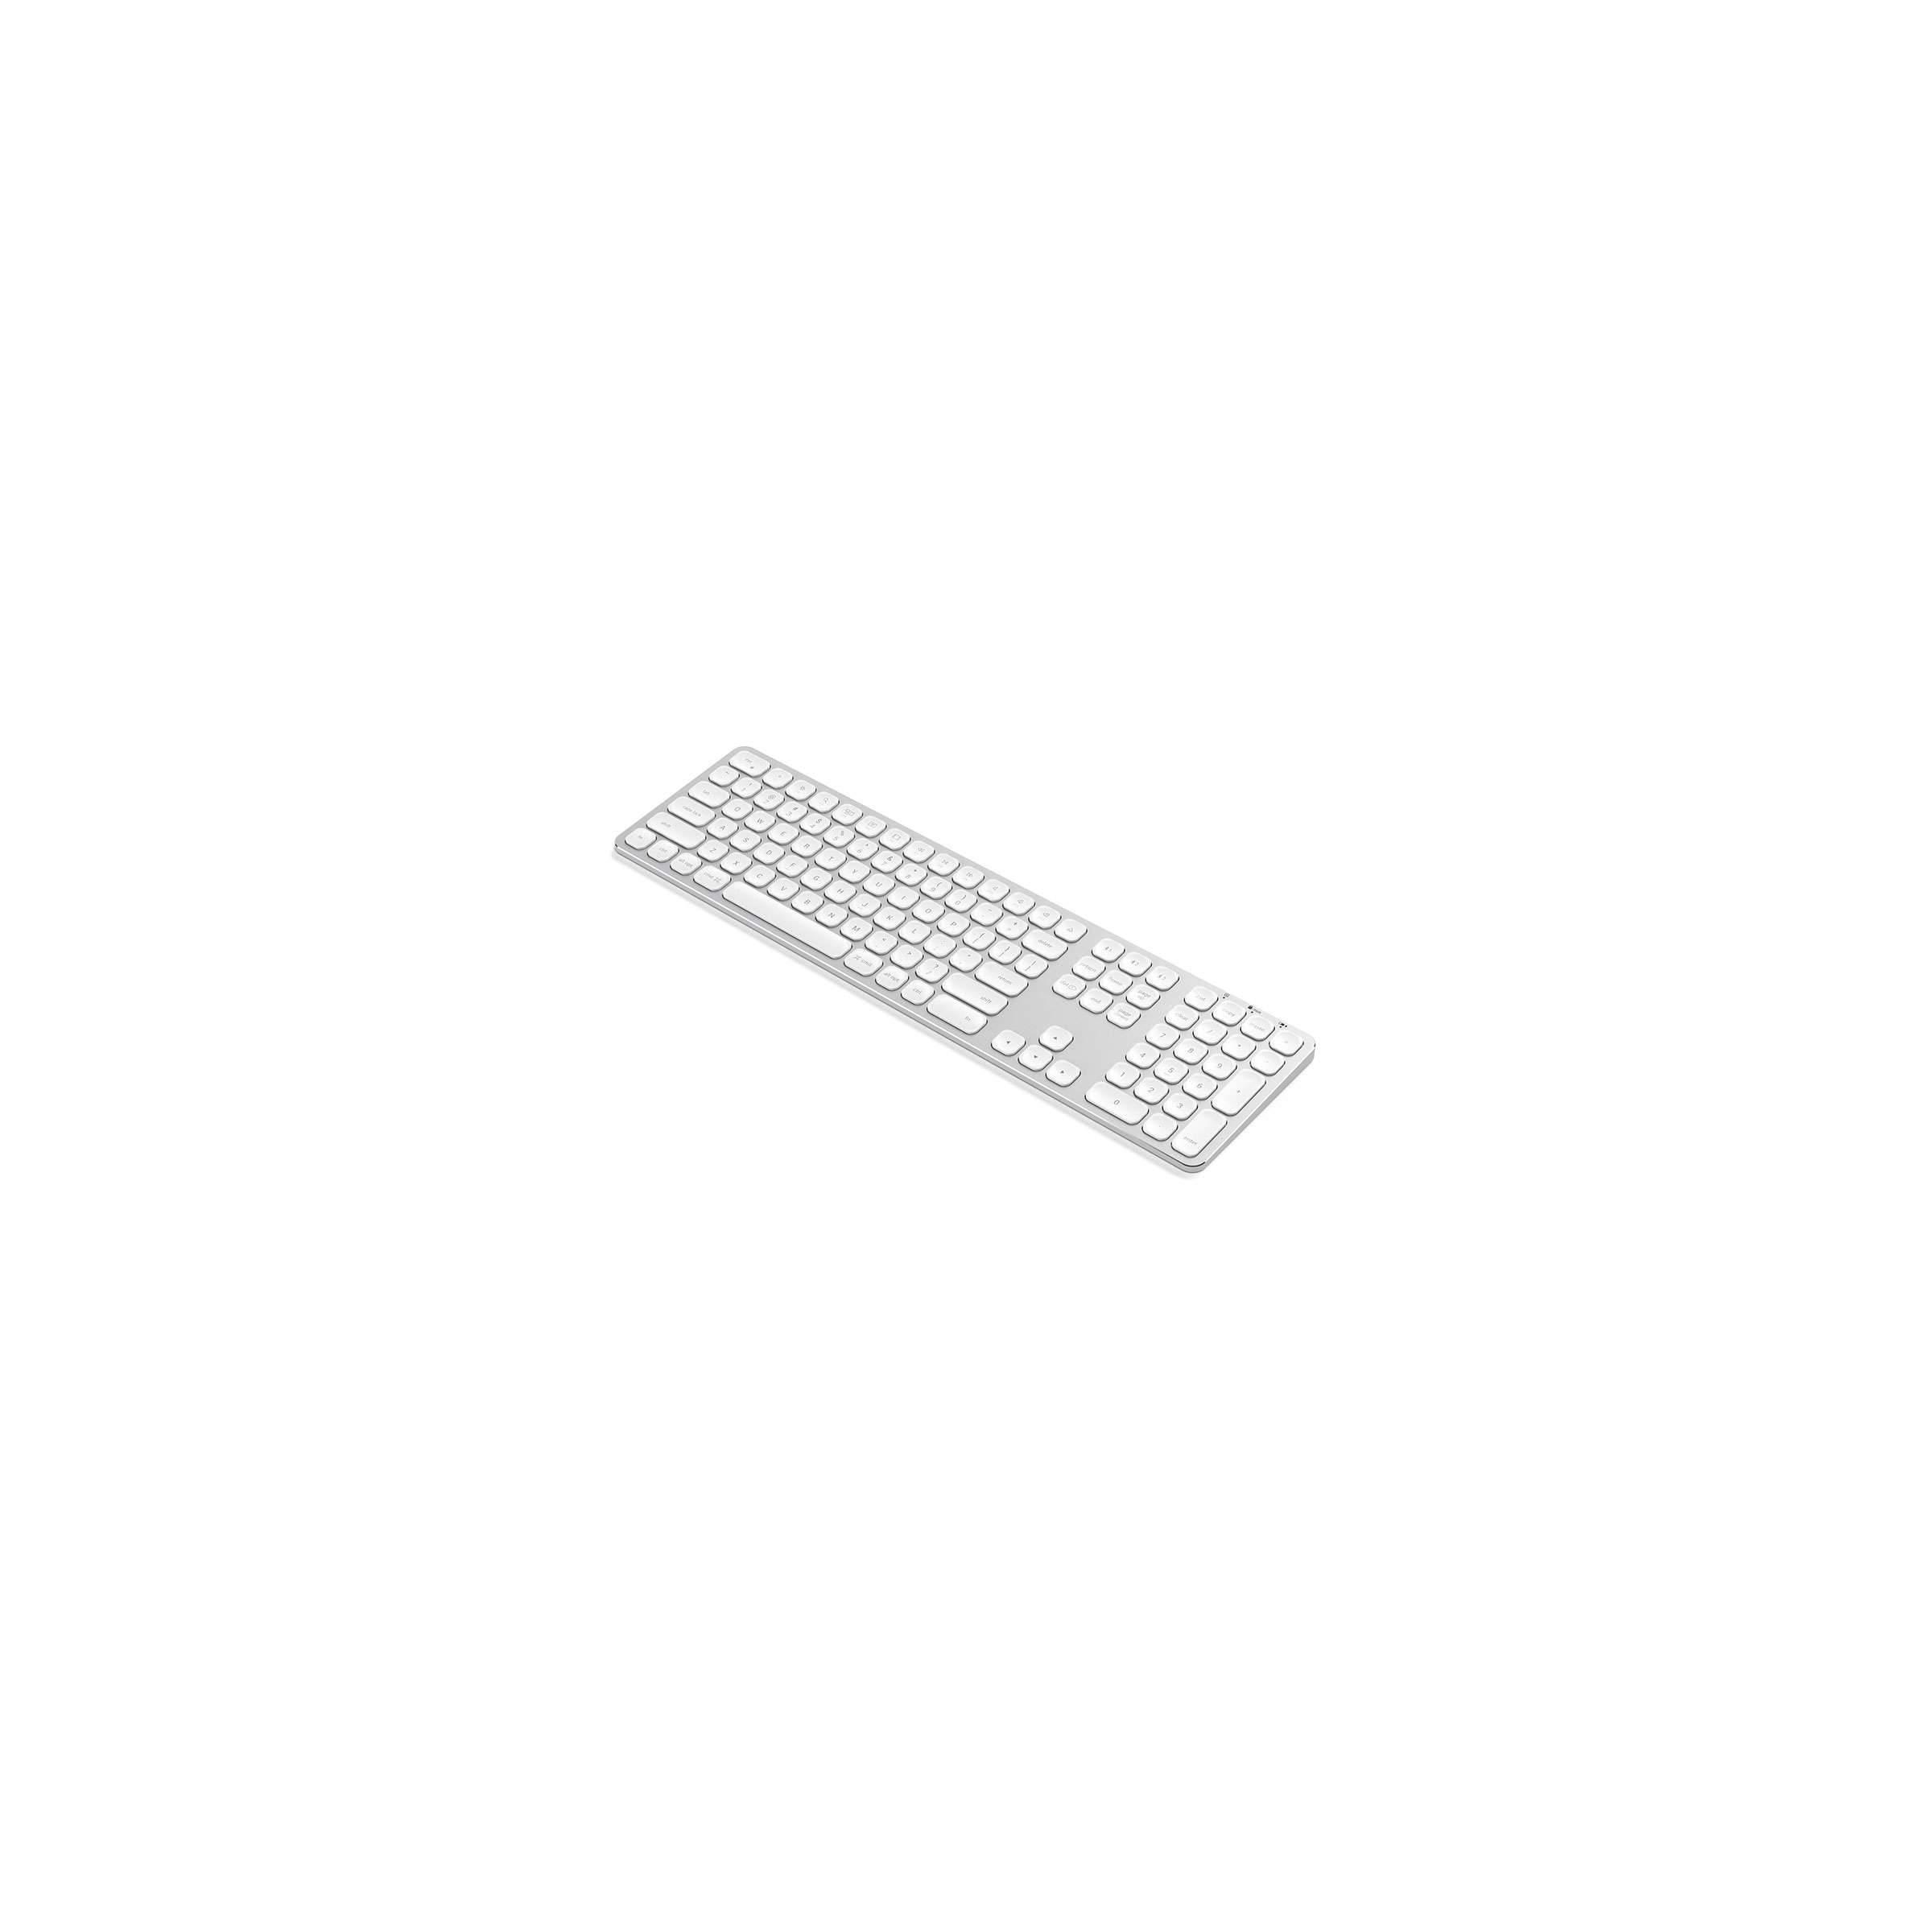 satechi Satechi trådløs bt tastatur nordic layout (m. æøå) farve sølv farve på mackabler.dk